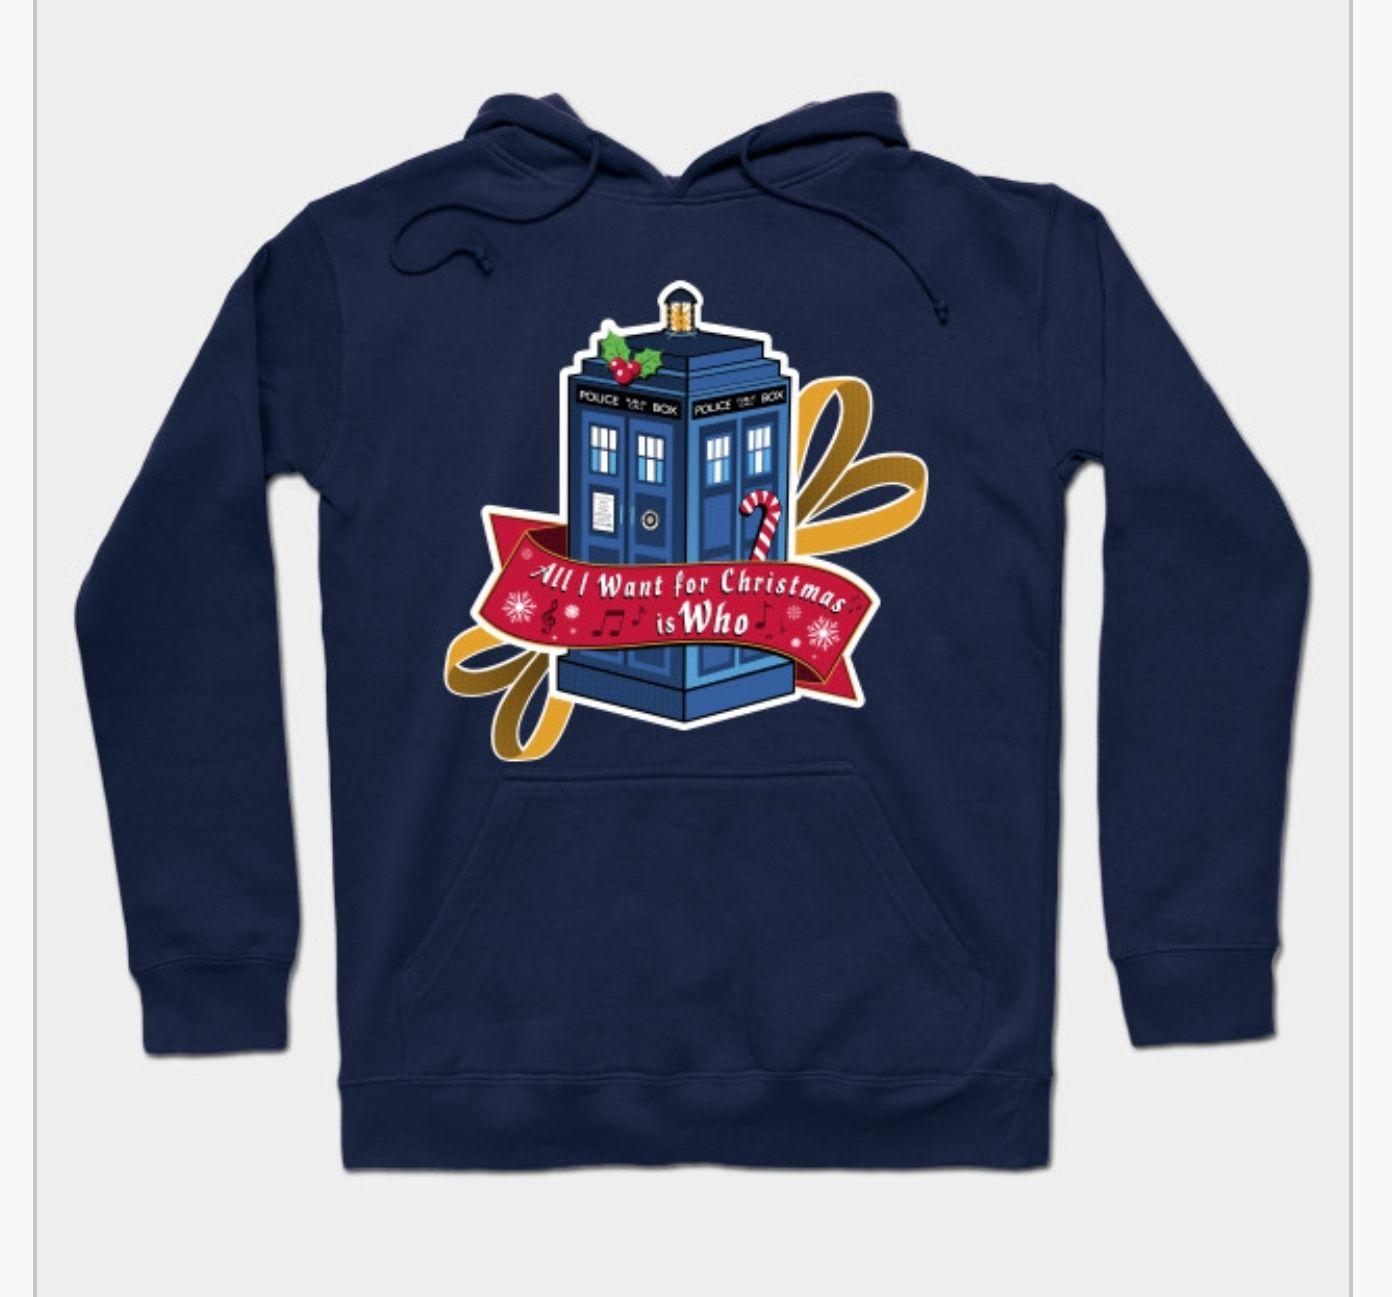 Weihnachtspullover für Doctor Who Fans und viele Artikel und Designs mehr!